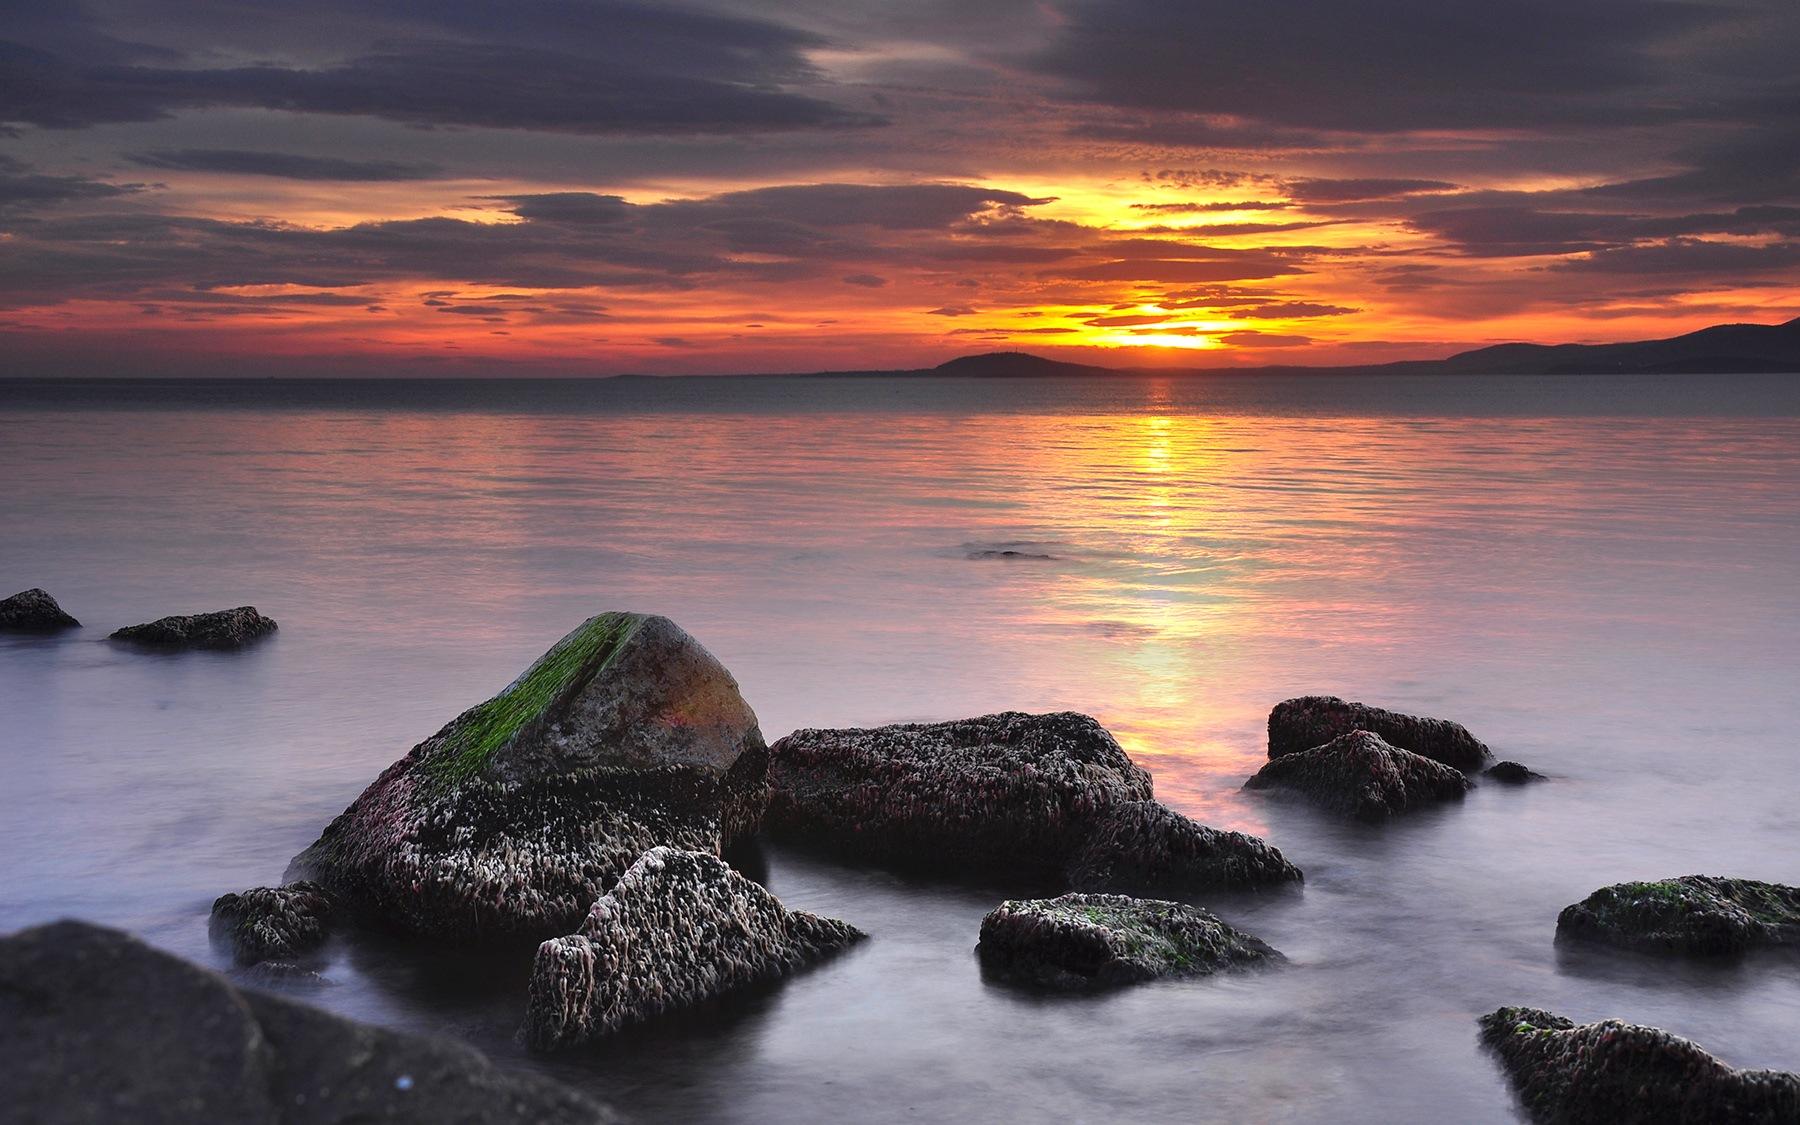 Magical Sunrise by Yoan Mitov